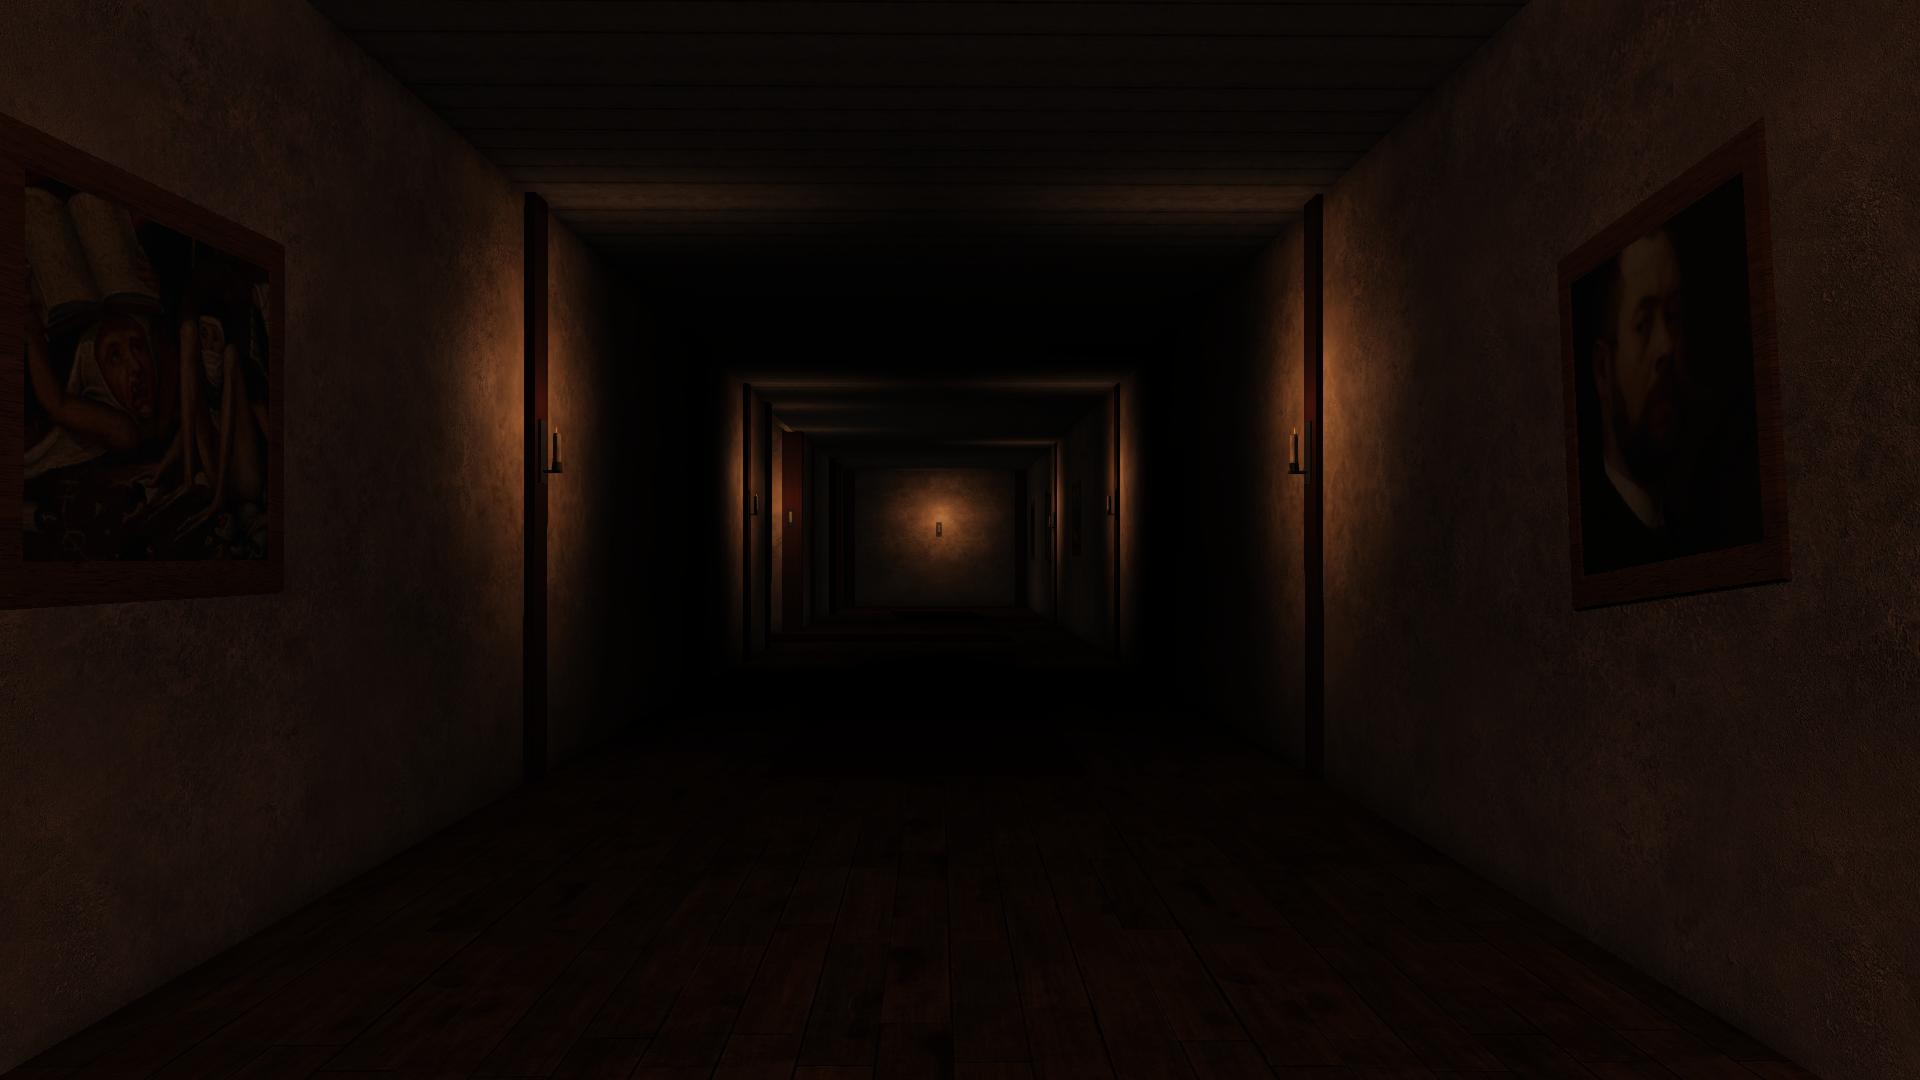 Dark Corridor image - Wooden Floor